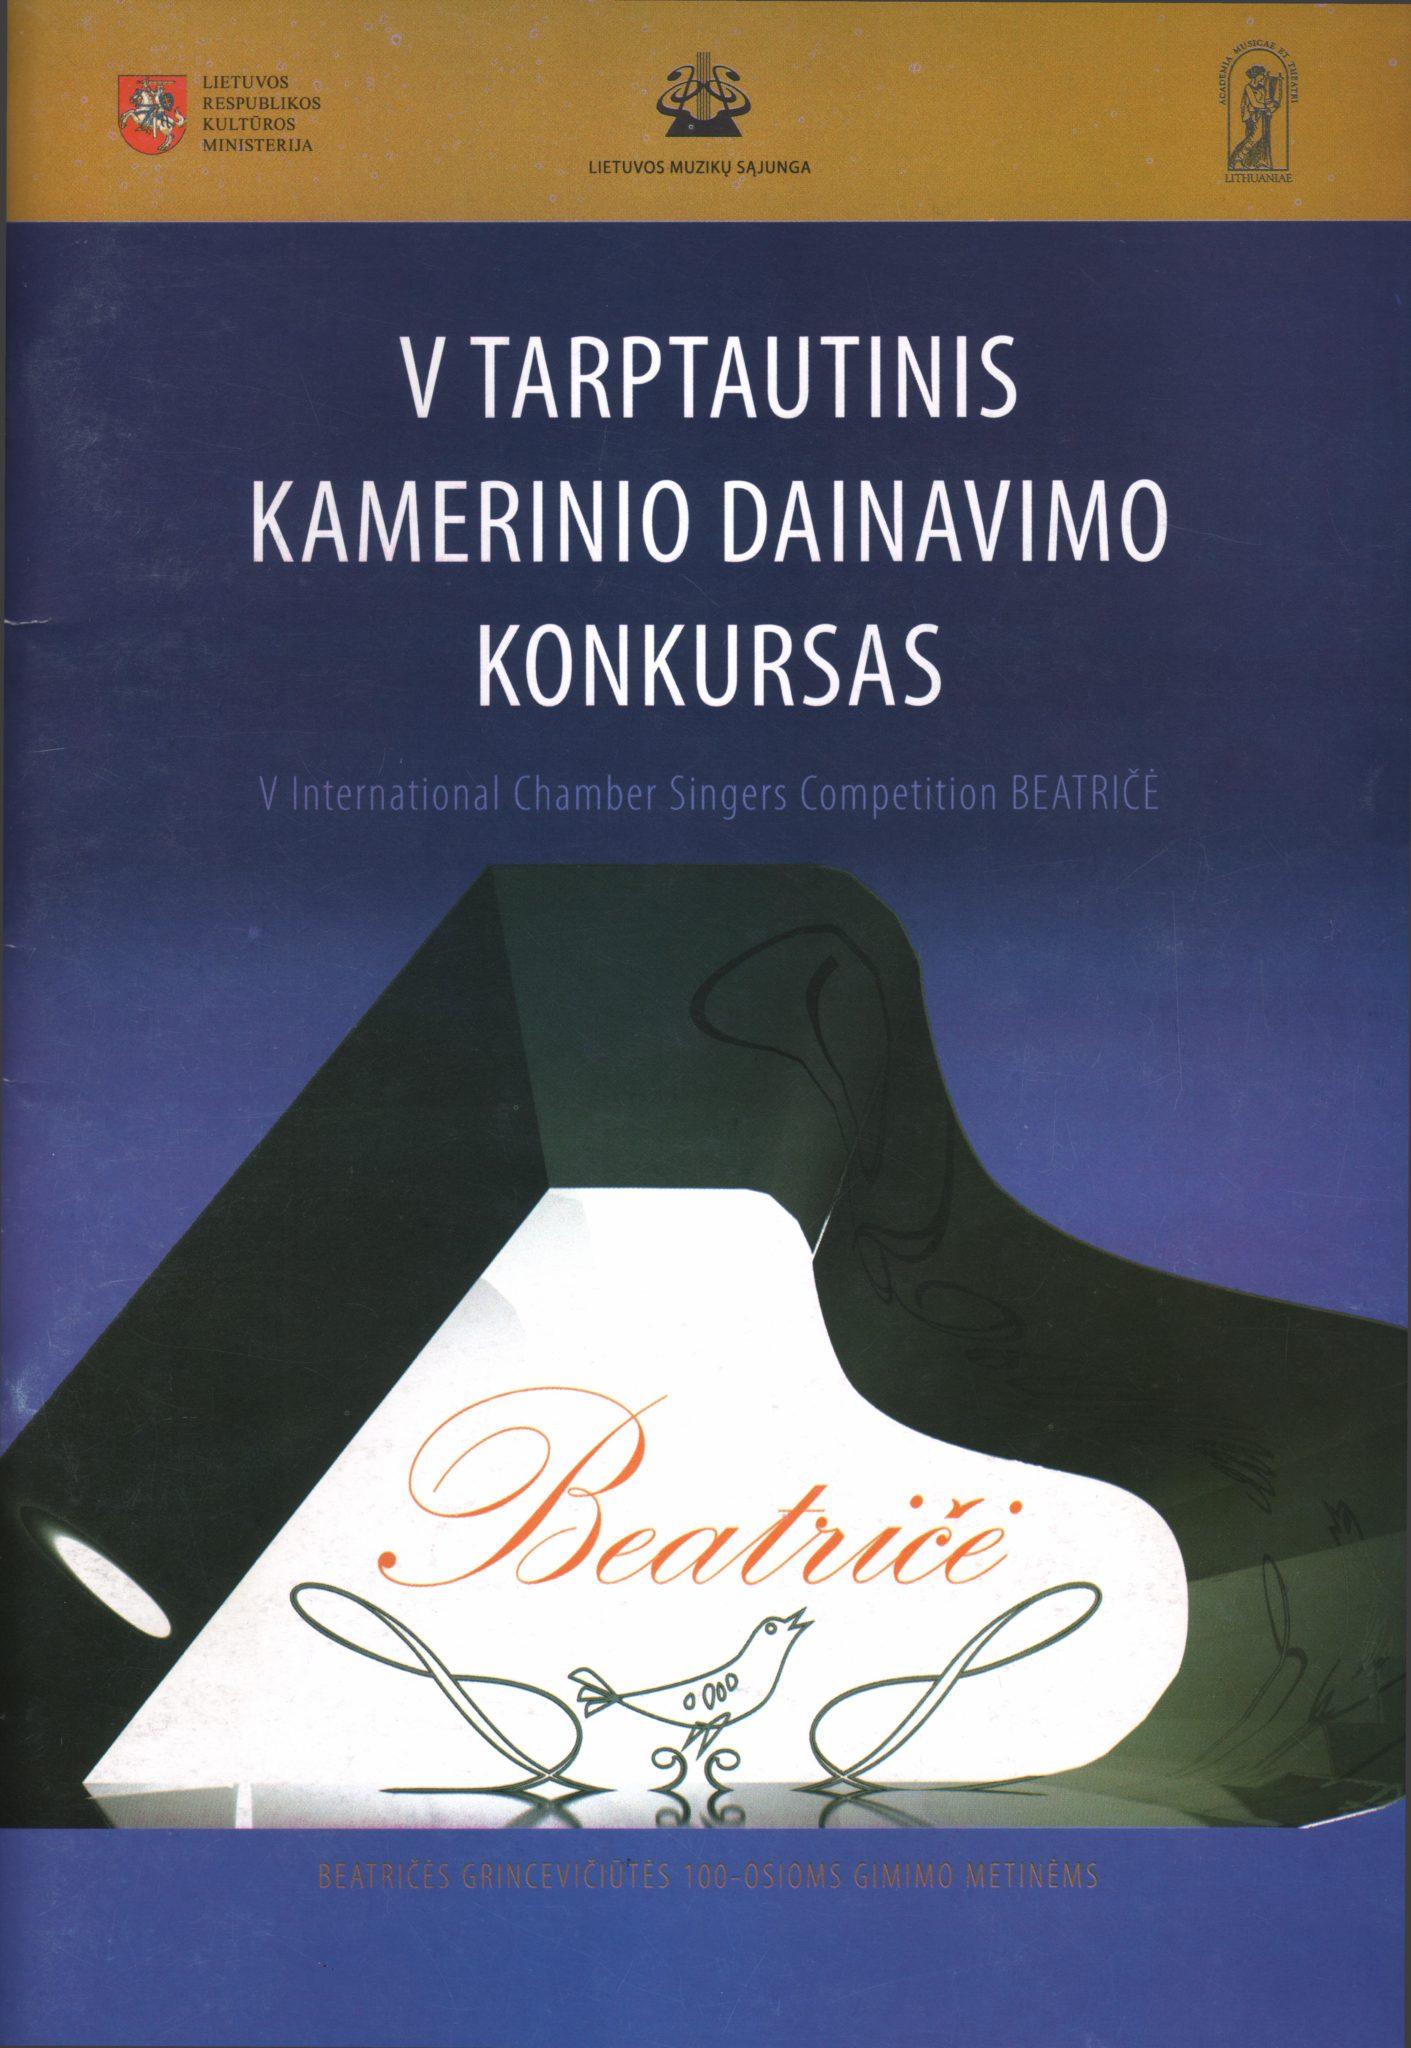 """V tarptautinis kamerinio dainavimo konkursas """"Beatričė"""". – [Vilnius, 2011]. Leidinio viršelis"""